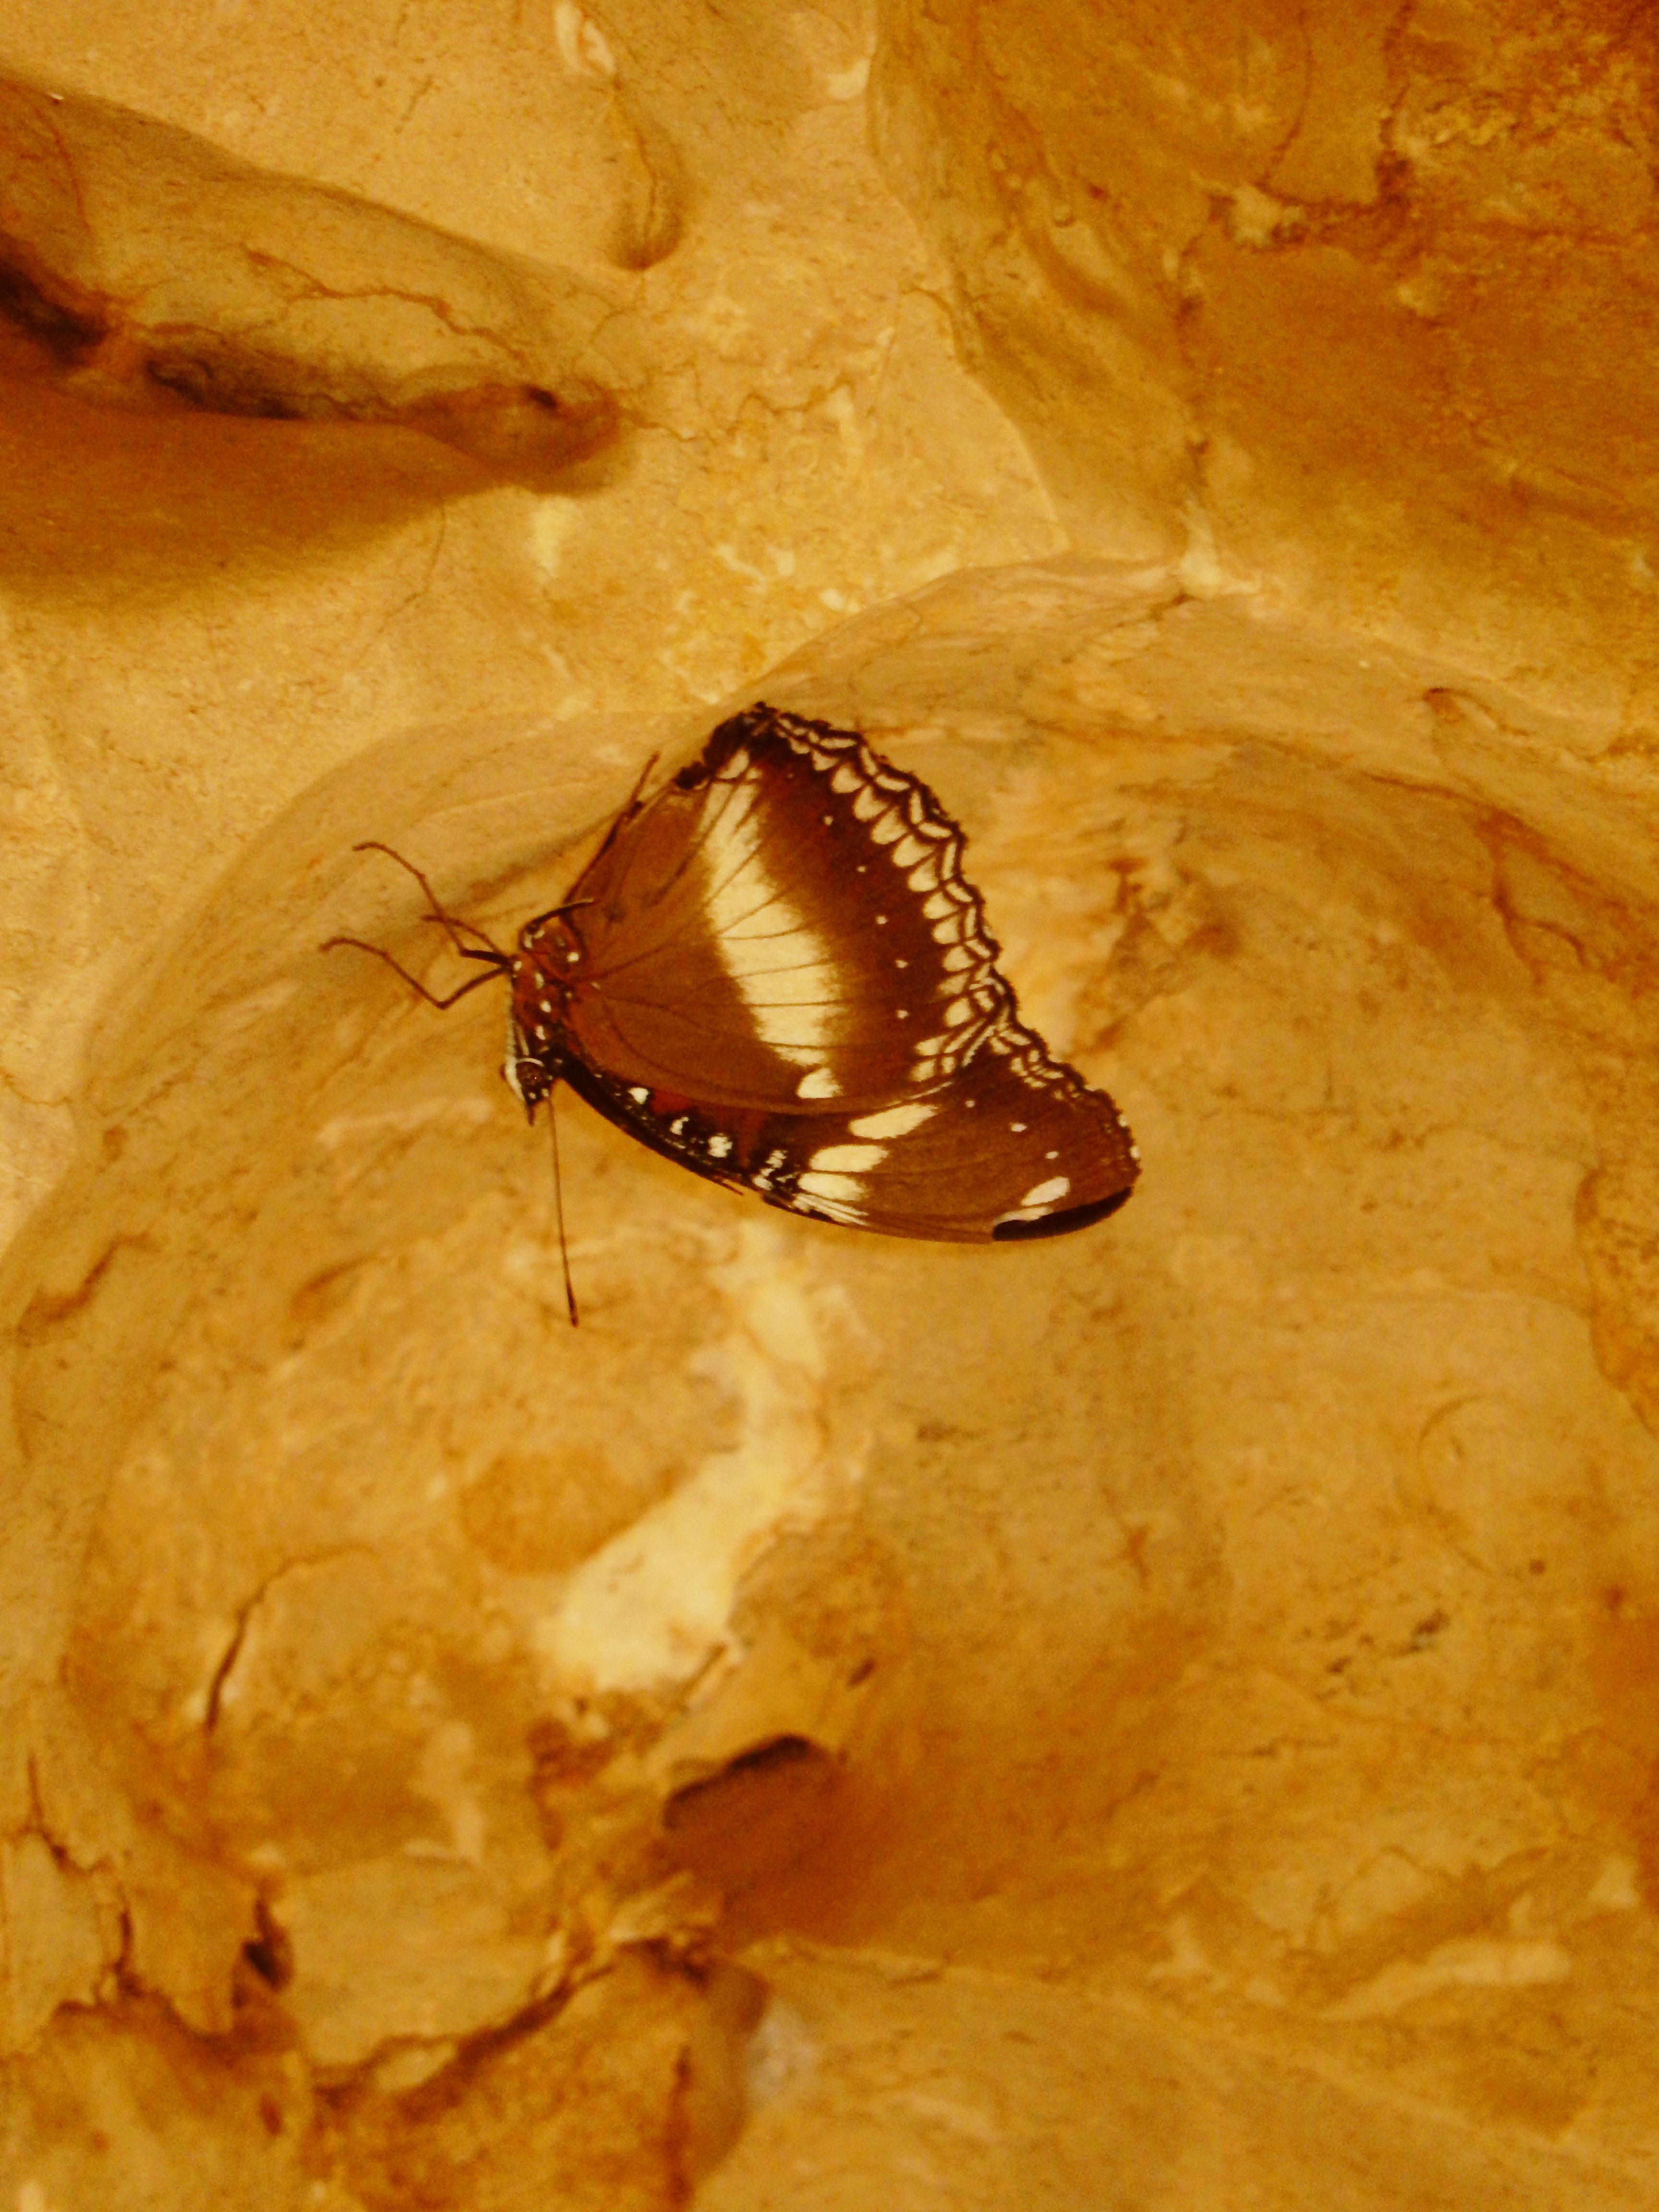 mia-und-ich-blog-reise-travel-westernaustralia-westaustralien-windjana-gorge-schmetterling-butterfly-australien-australia